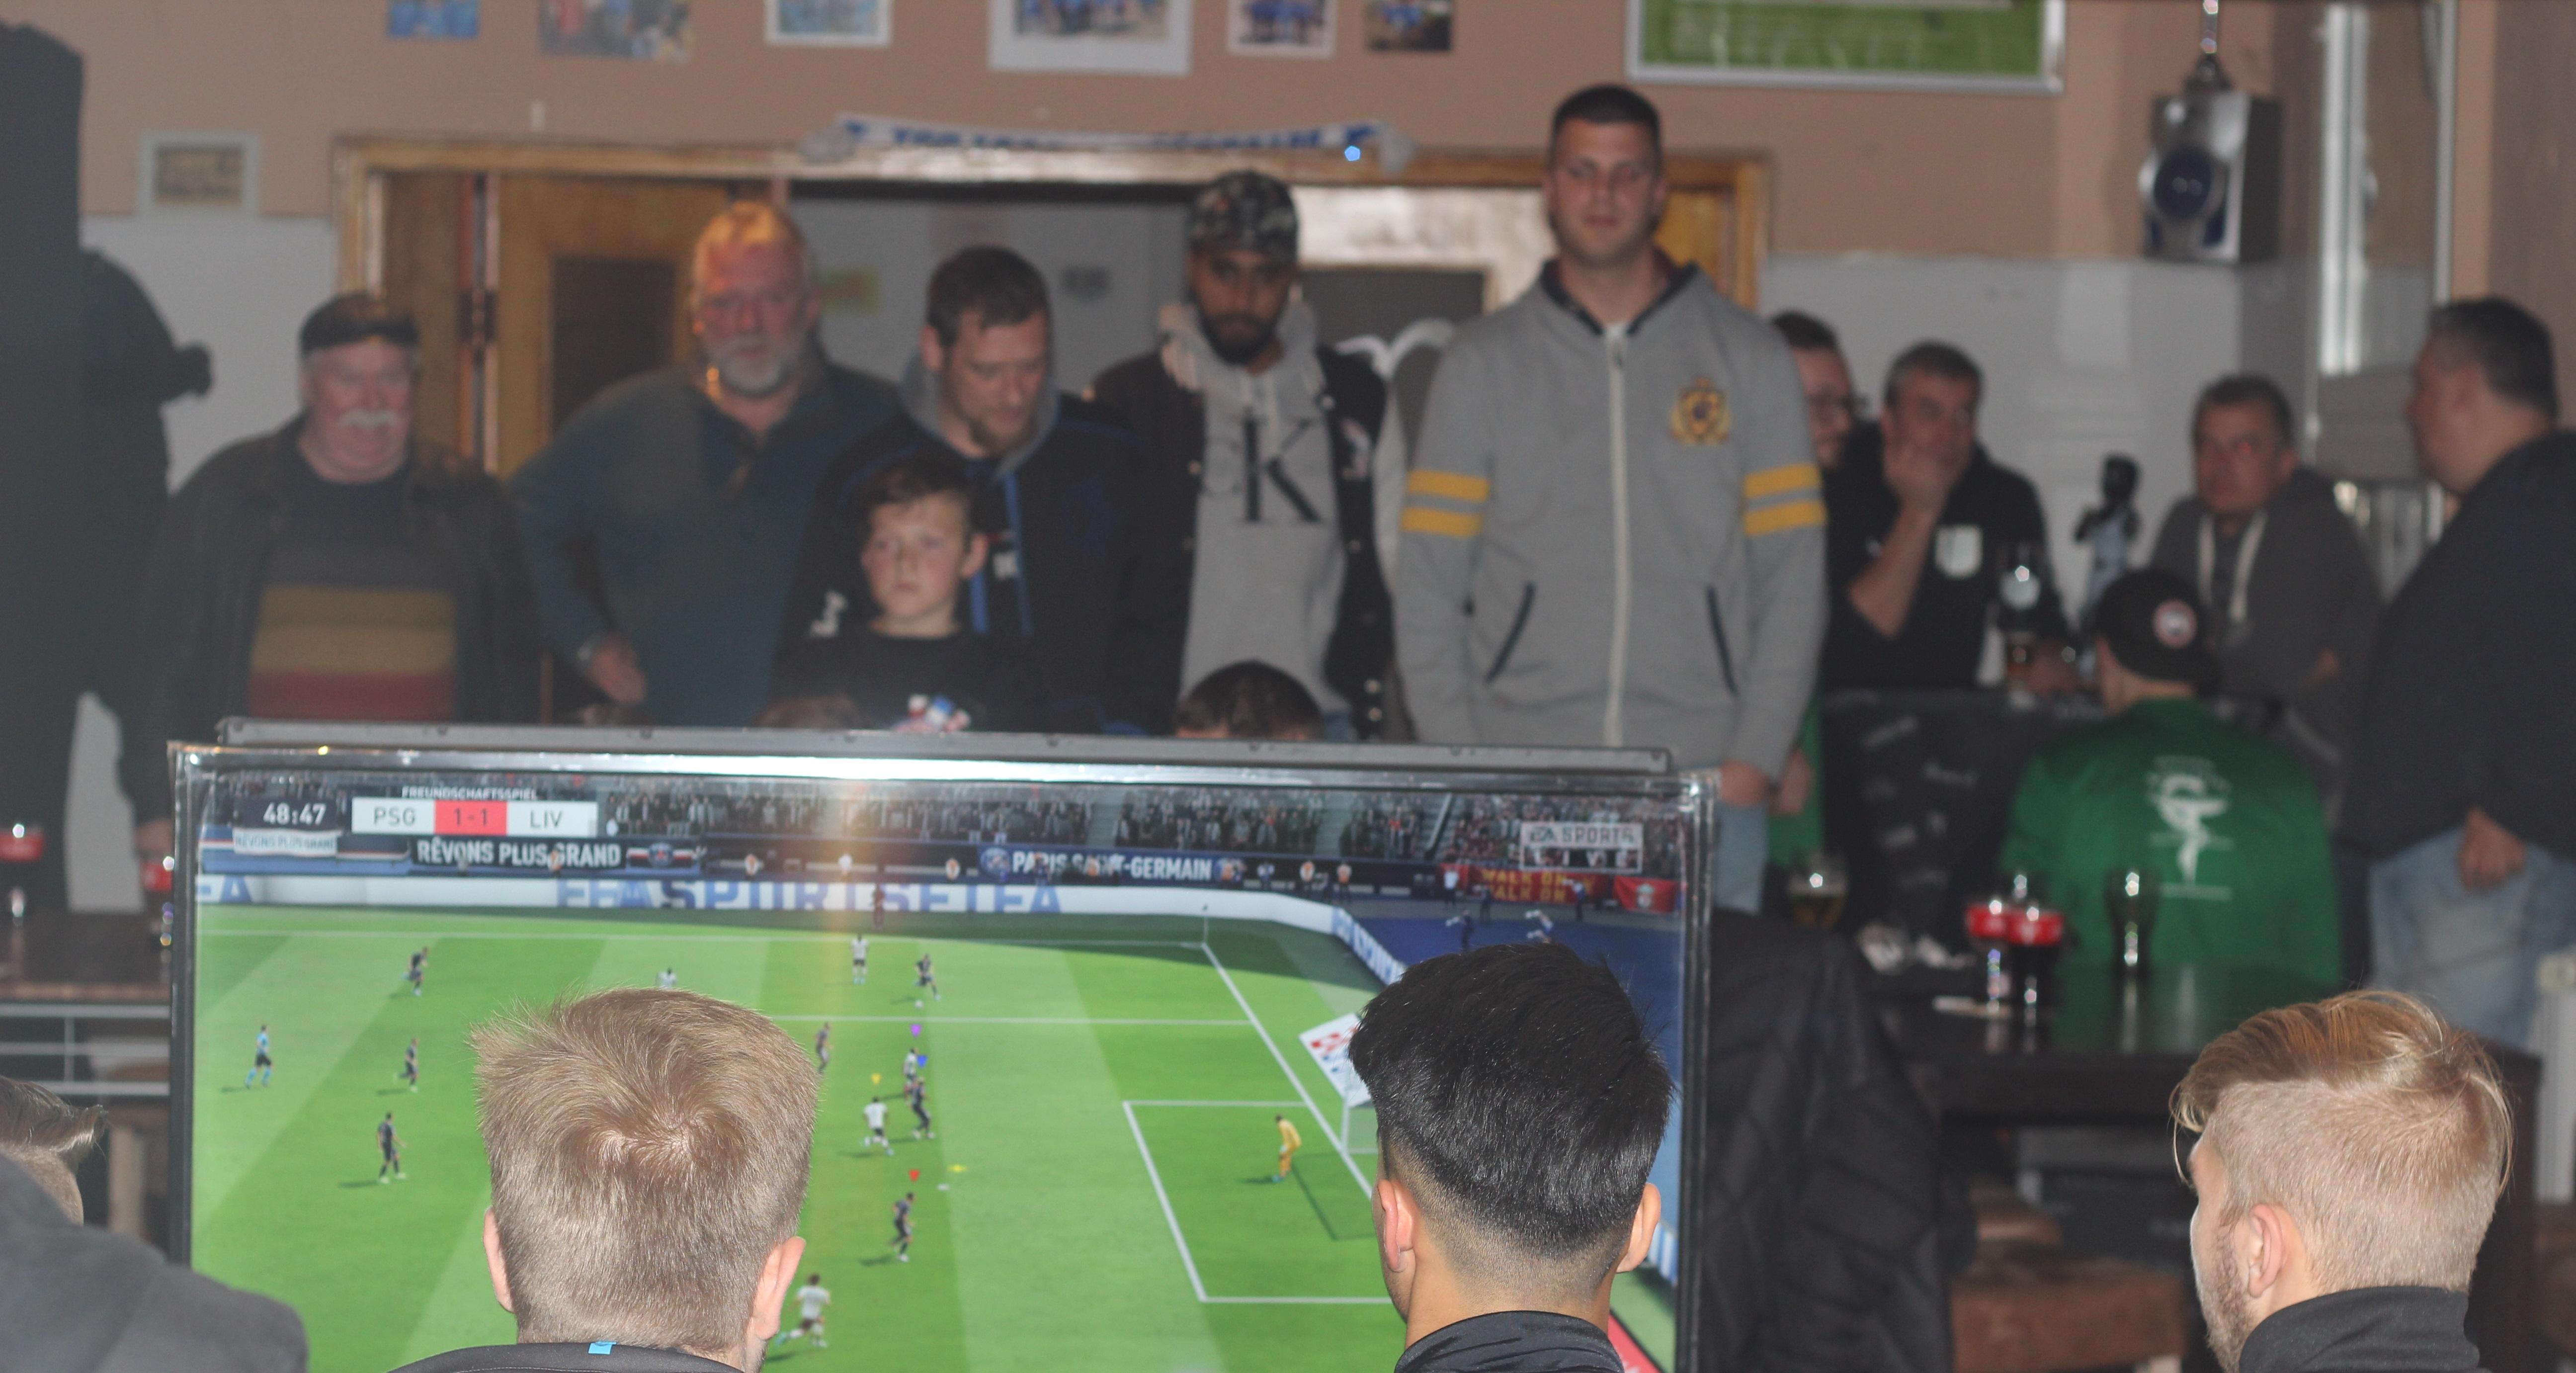 Das erste von vier Qualifikationsturnieren für das Viertelfinale fand in der Vereinsgaststätte des TC Freisenbruch statt.